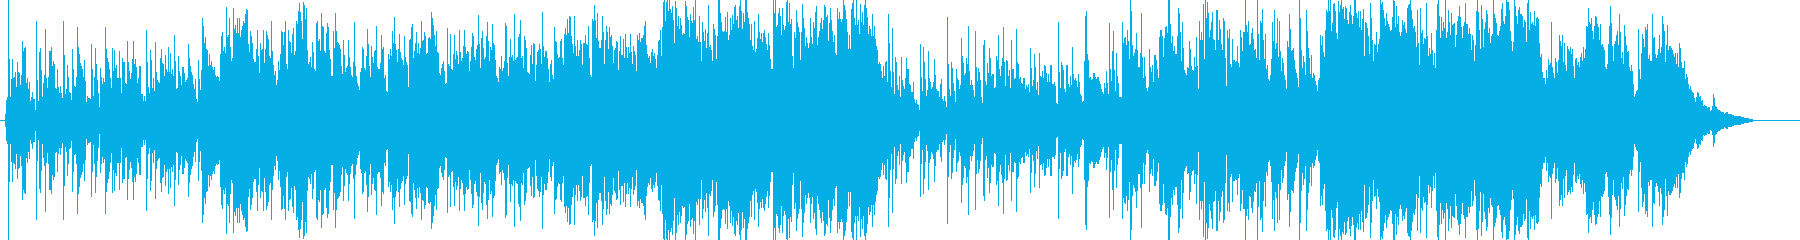 バイオリンのマリン風ミディアムテンポ曲の再生済みの波形